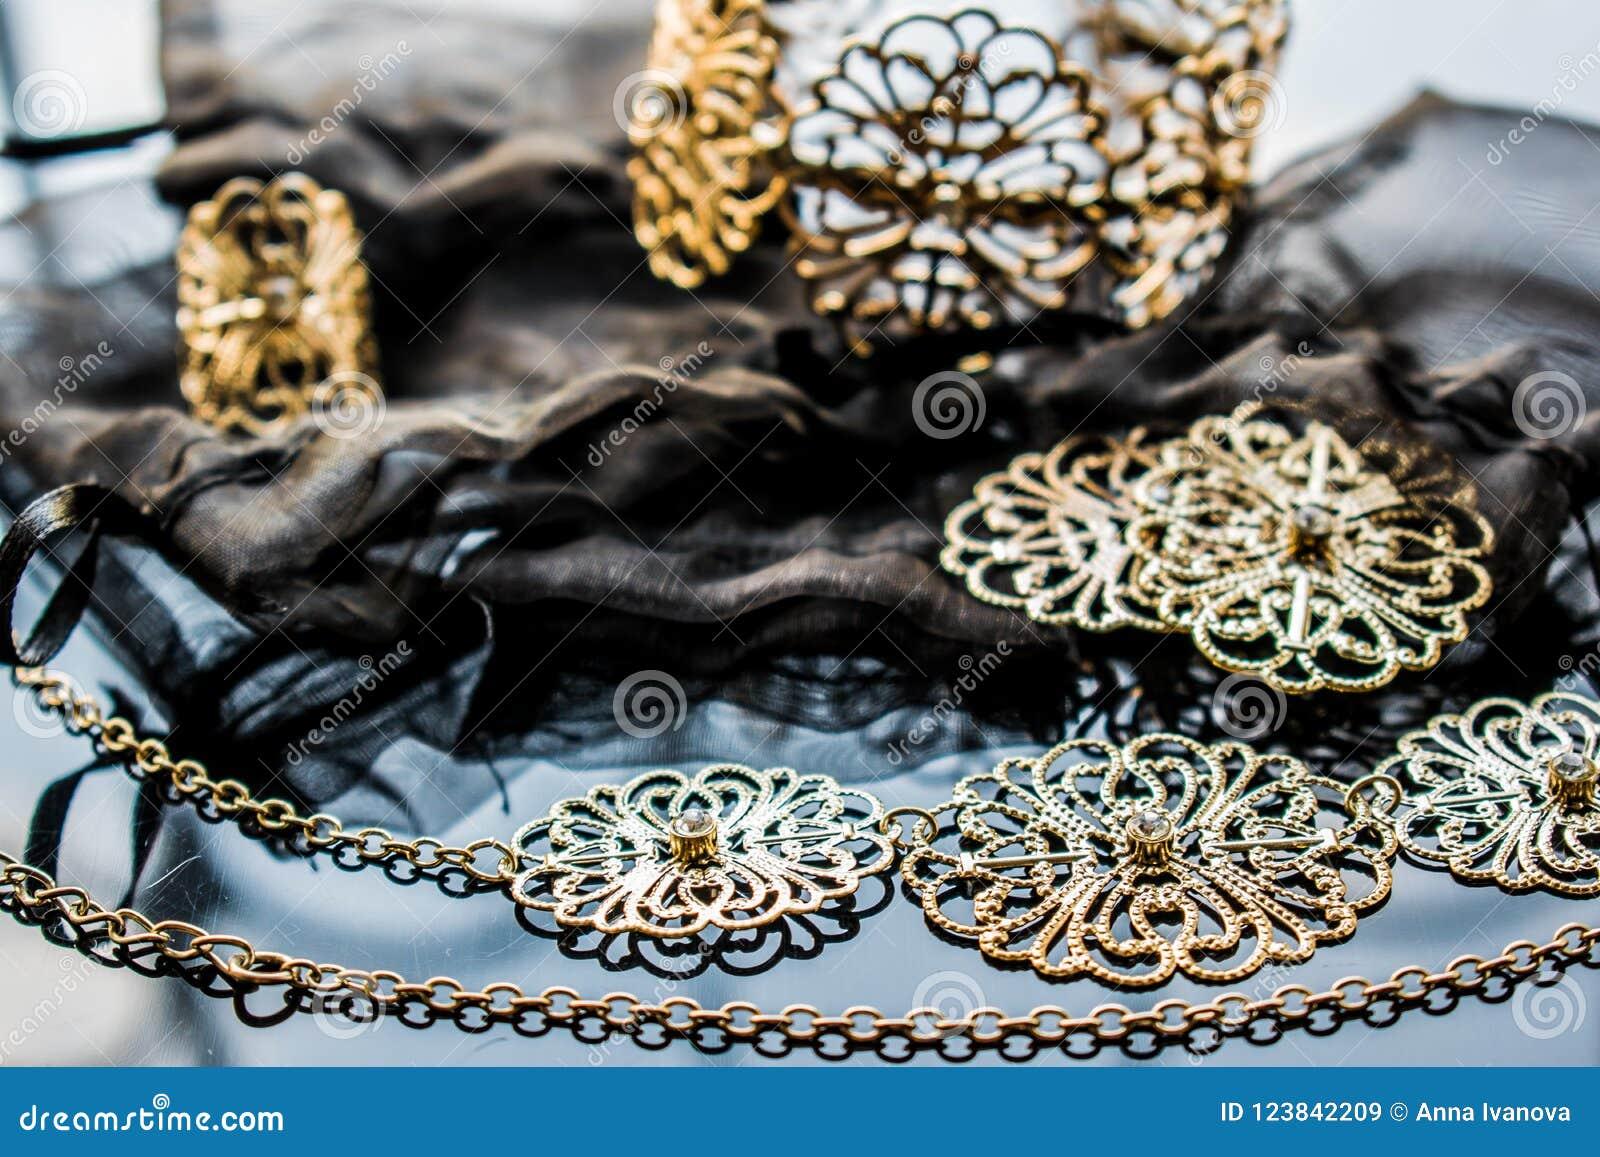 Guld- smycken är gula och olika skuggor Smycken från metalllegeringen med openwork modeller på den reflekterande yttersidan